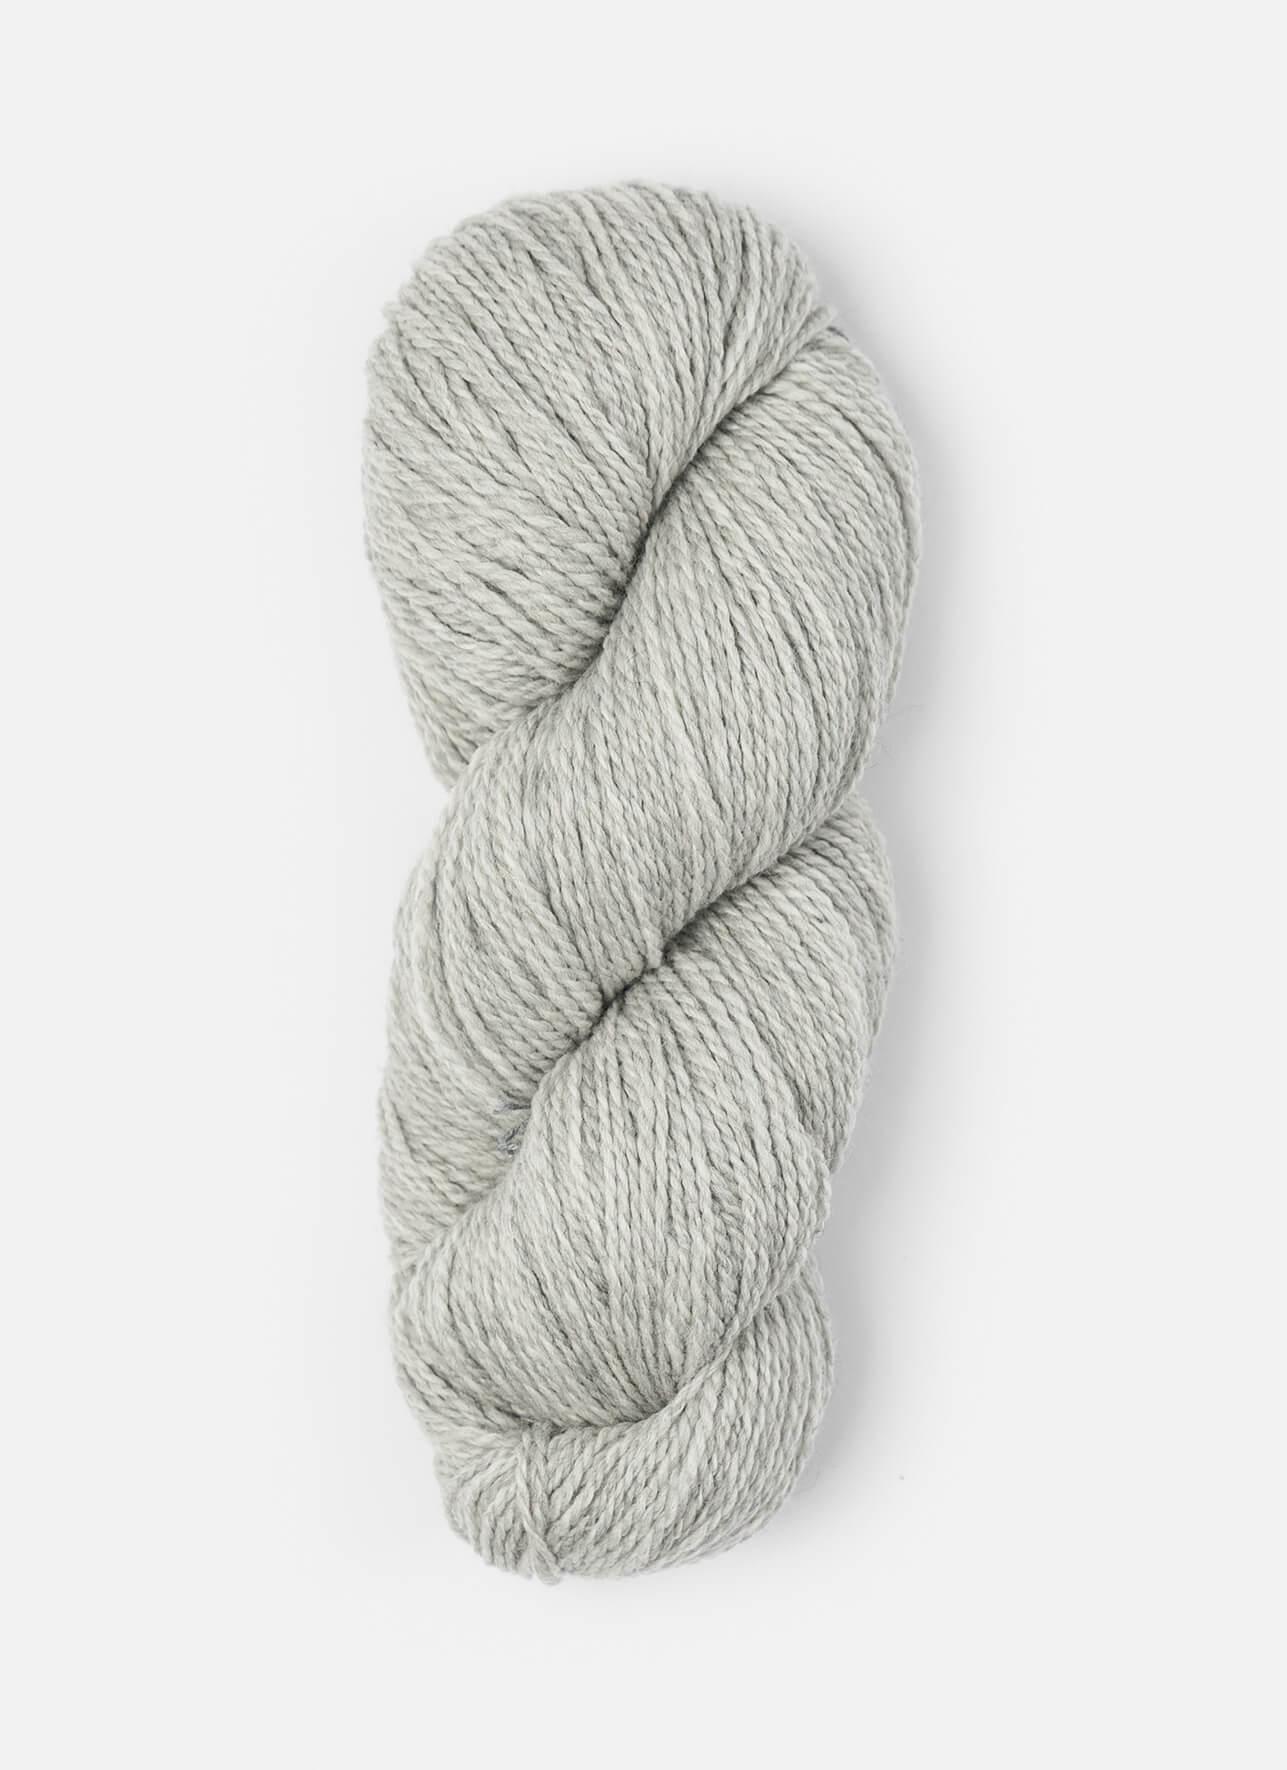 No. 1304: Grey Harbor